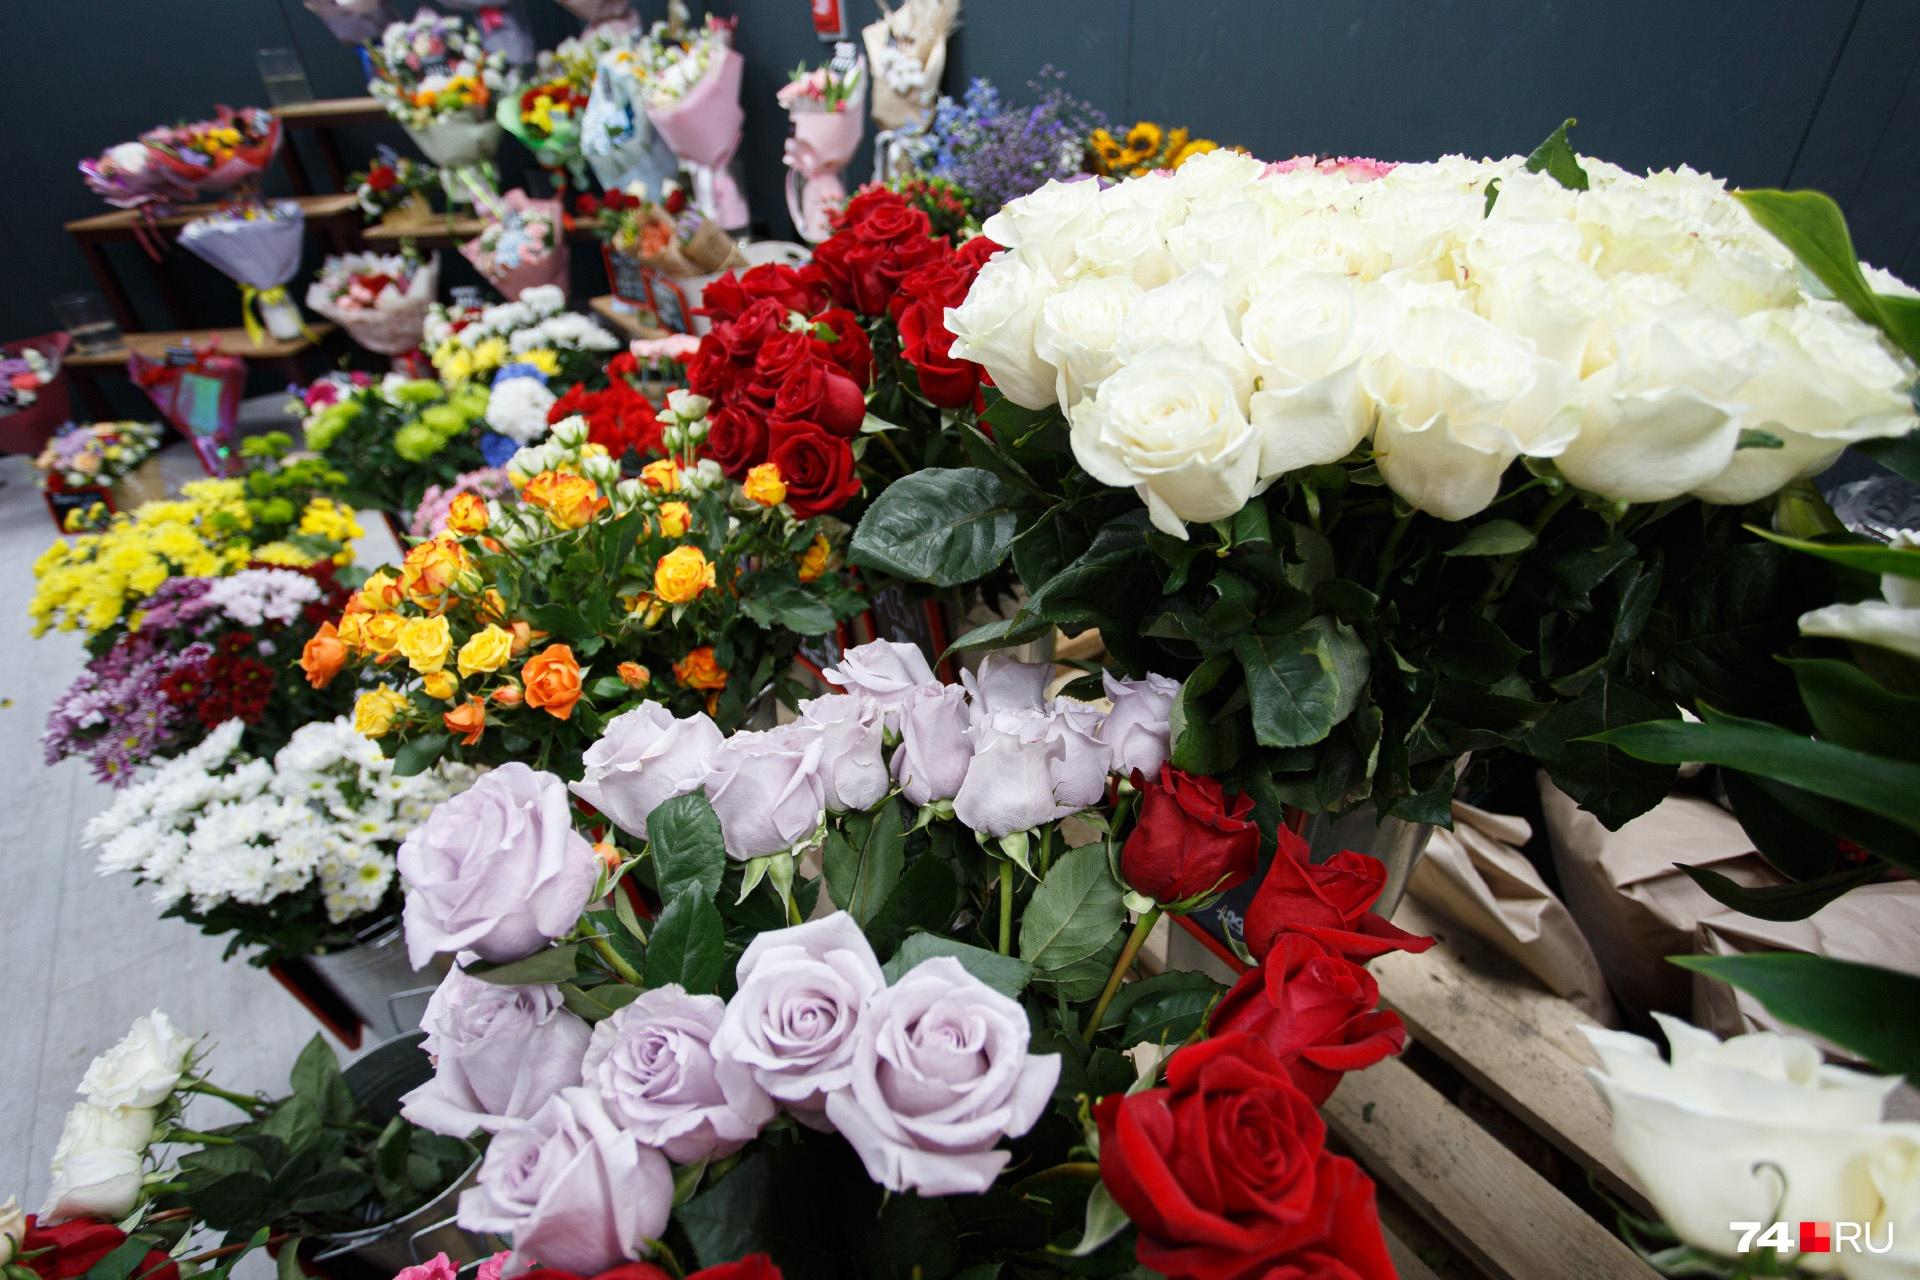 Из цветочных магазинов эти розы и хризантемы сегодня уже перекочуют в вазы учителей